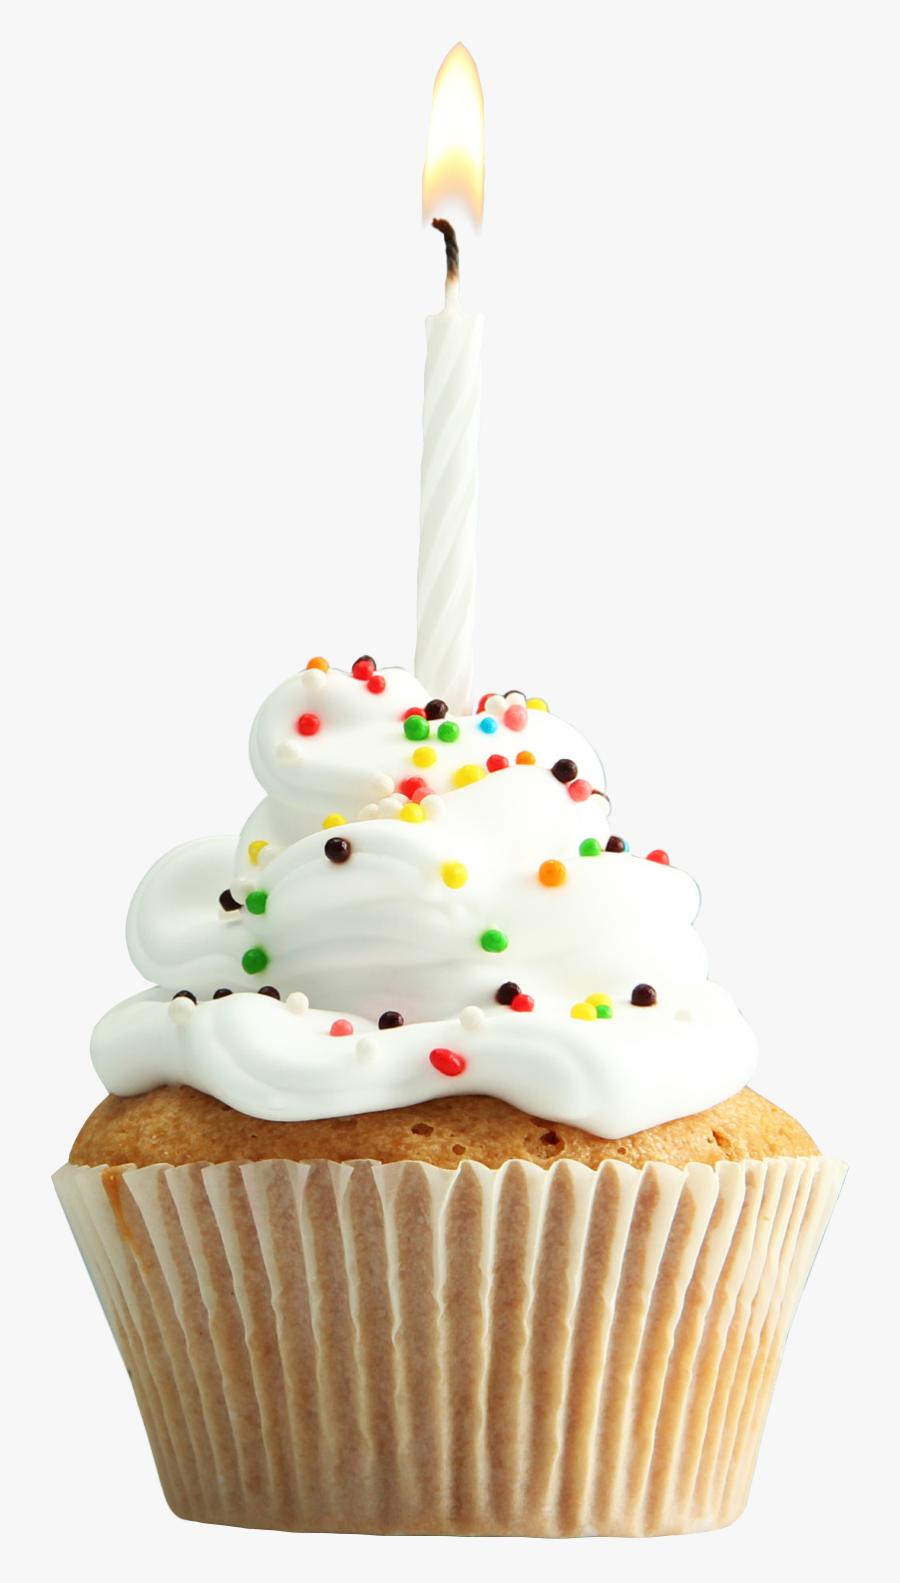 Cupcake Muffin Tart Torte Birthday Cake - Happy Birthday Glitter Cupcakes, Transparent Clipart